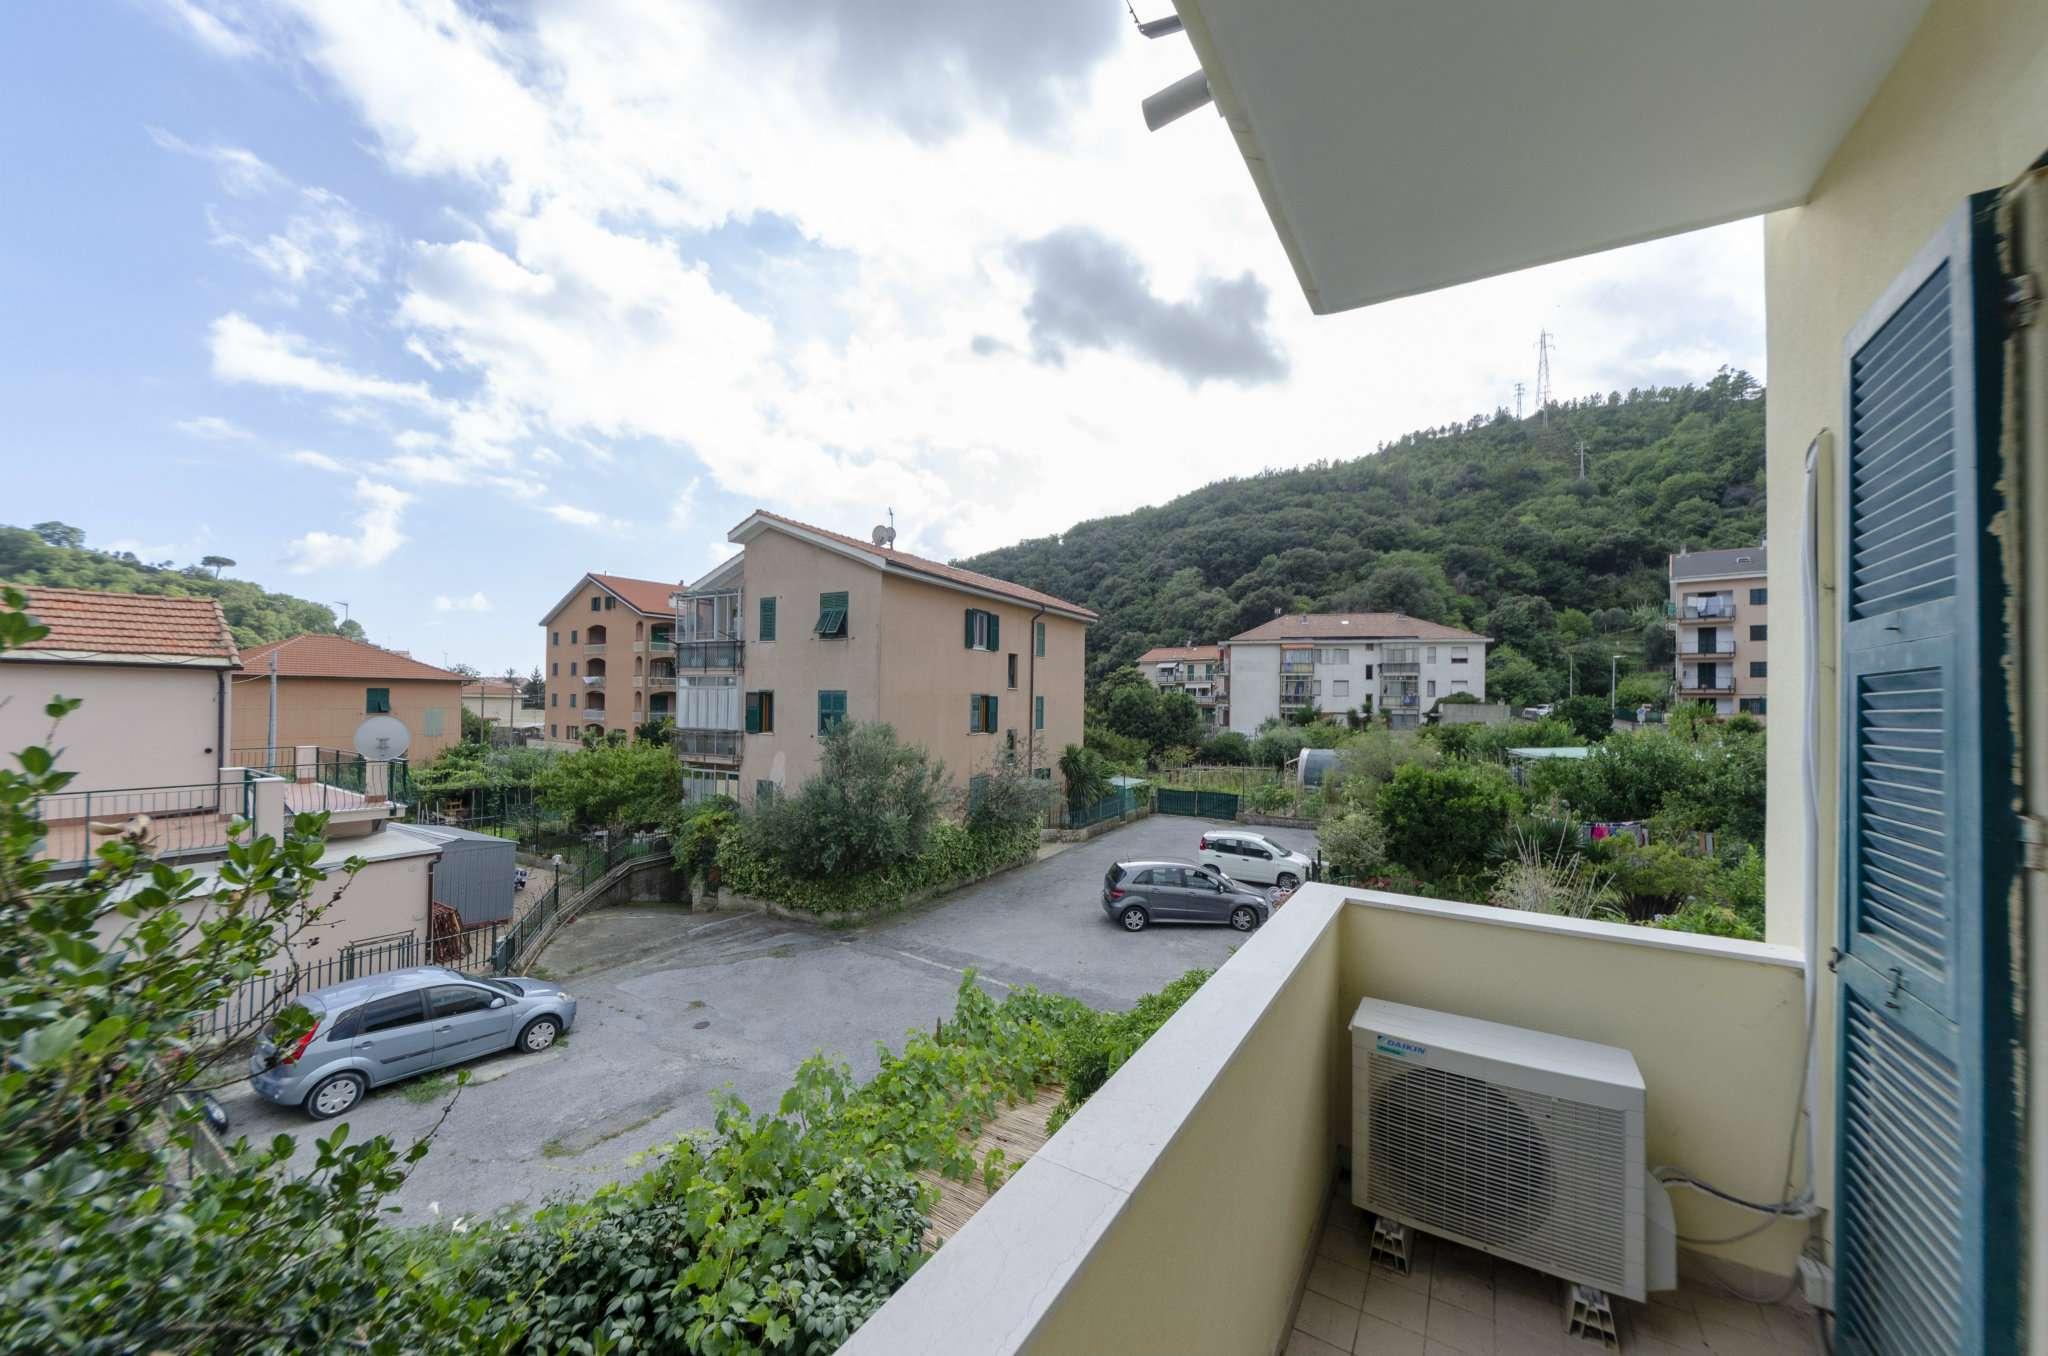 Appartamento in vendita a Albisola Superiore, 9999 locali, prezzo € 298.000 | PortaleAgenzieImmobiliari.it